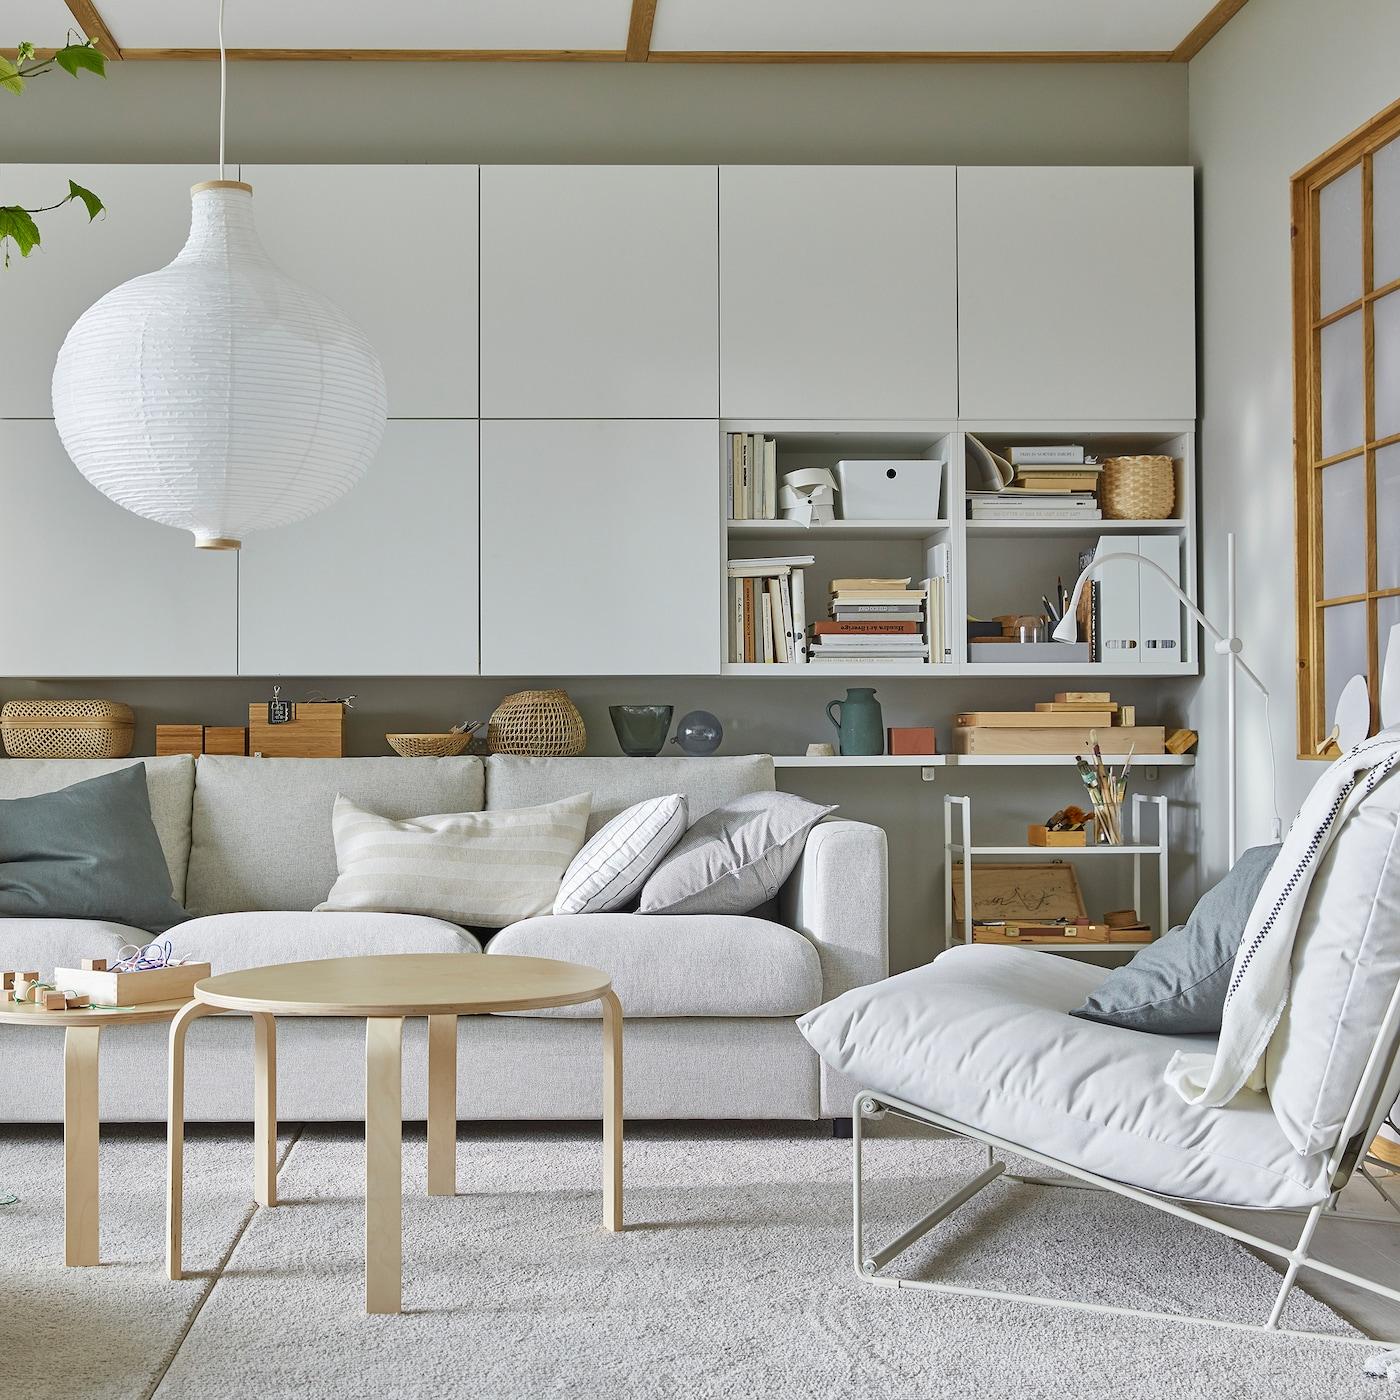 غرفة جلوس مشرقة تضم كرسي استرخاء HAVSTA وخزائن عديدة بيضاء مثبتة بالحائط ومصباح معلق أبيض دائري.